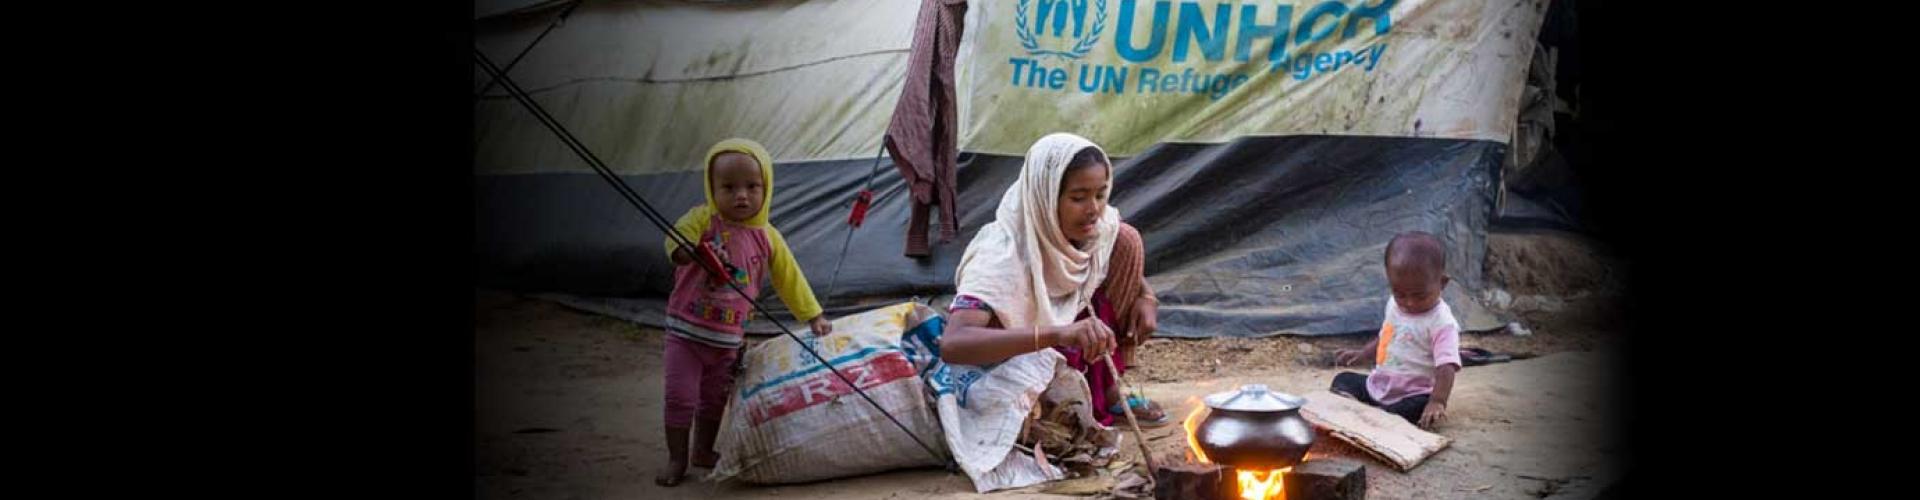 องค์การสหประชาชาติระดมทุนจำนวน 920 ล้านดอลลาร์ เพื่อให้ความช่วยเหลือในวิกฤตการณ์ทางมนุษยธรรมของผู้ลี้ภัยชาวโรฮิงญา